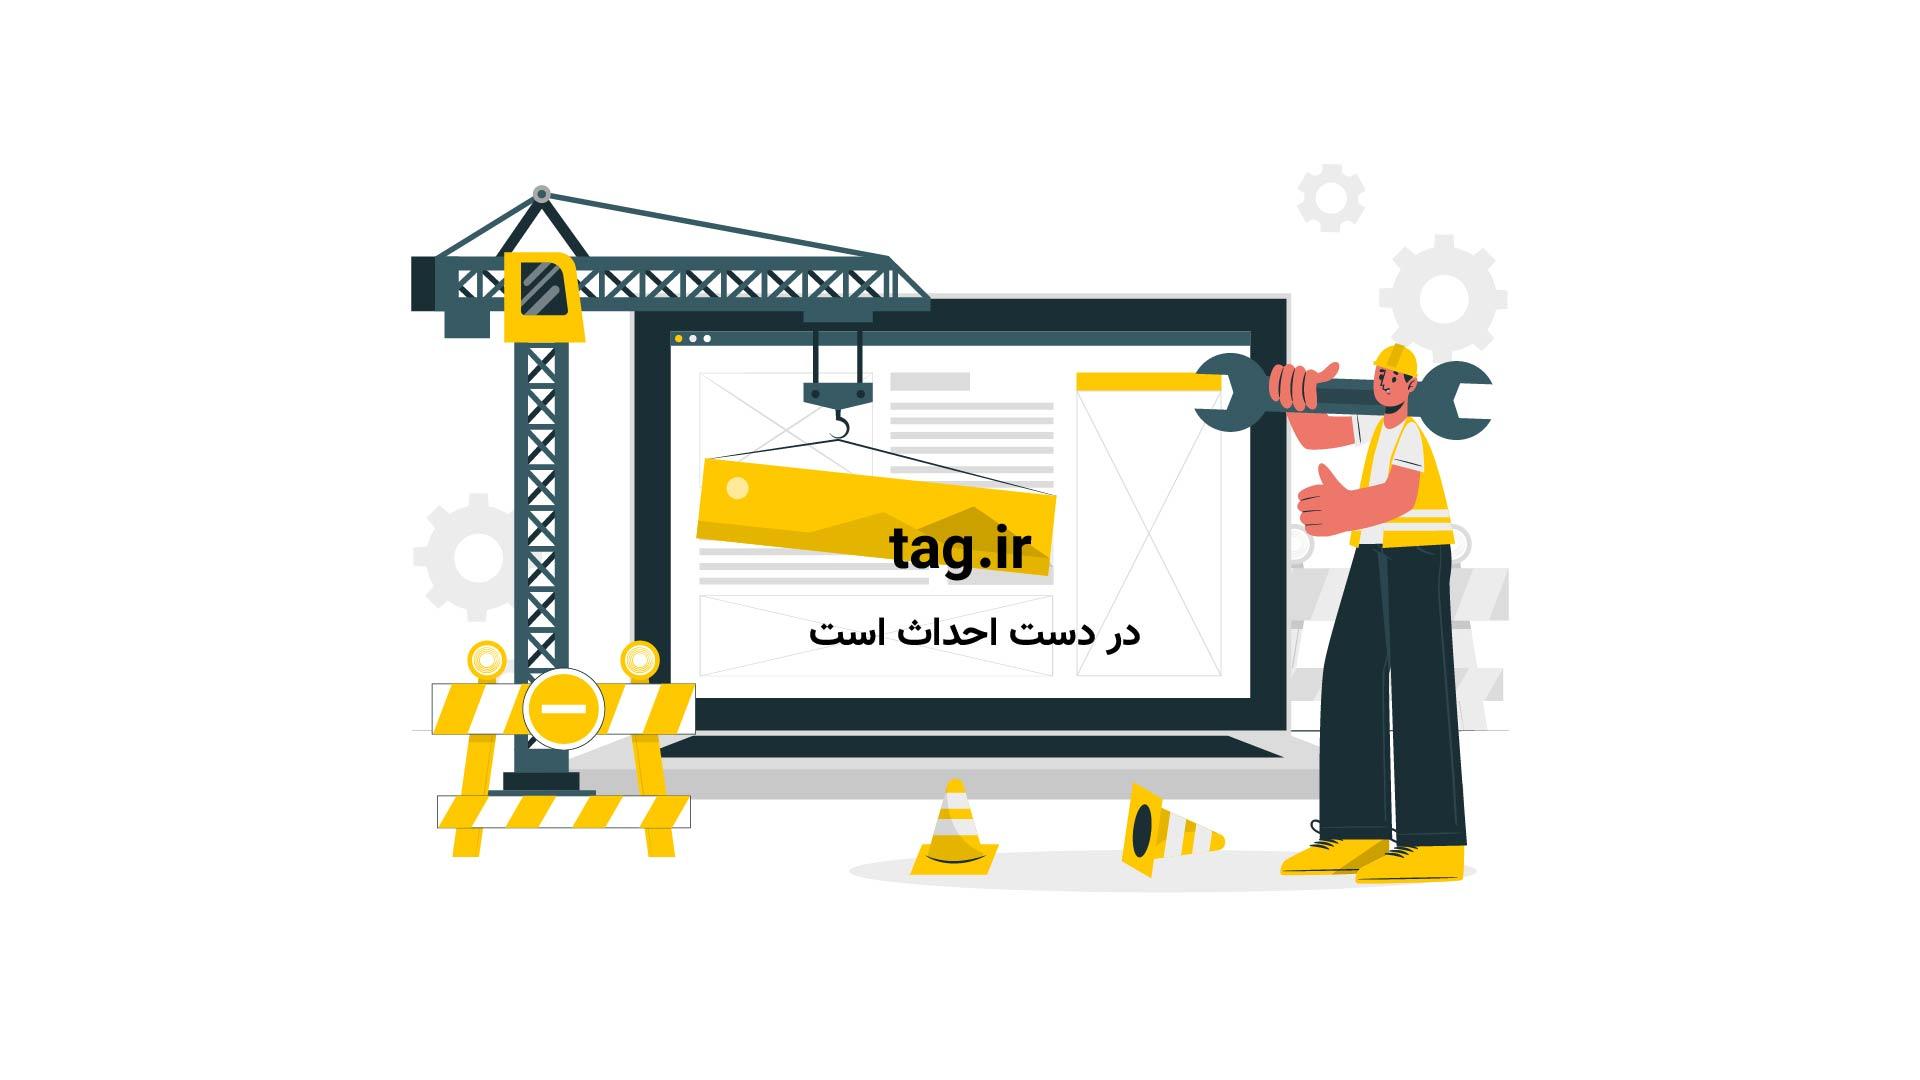 عناوین روزنامه های ورزشی شنبه 10 تیر | فیلم